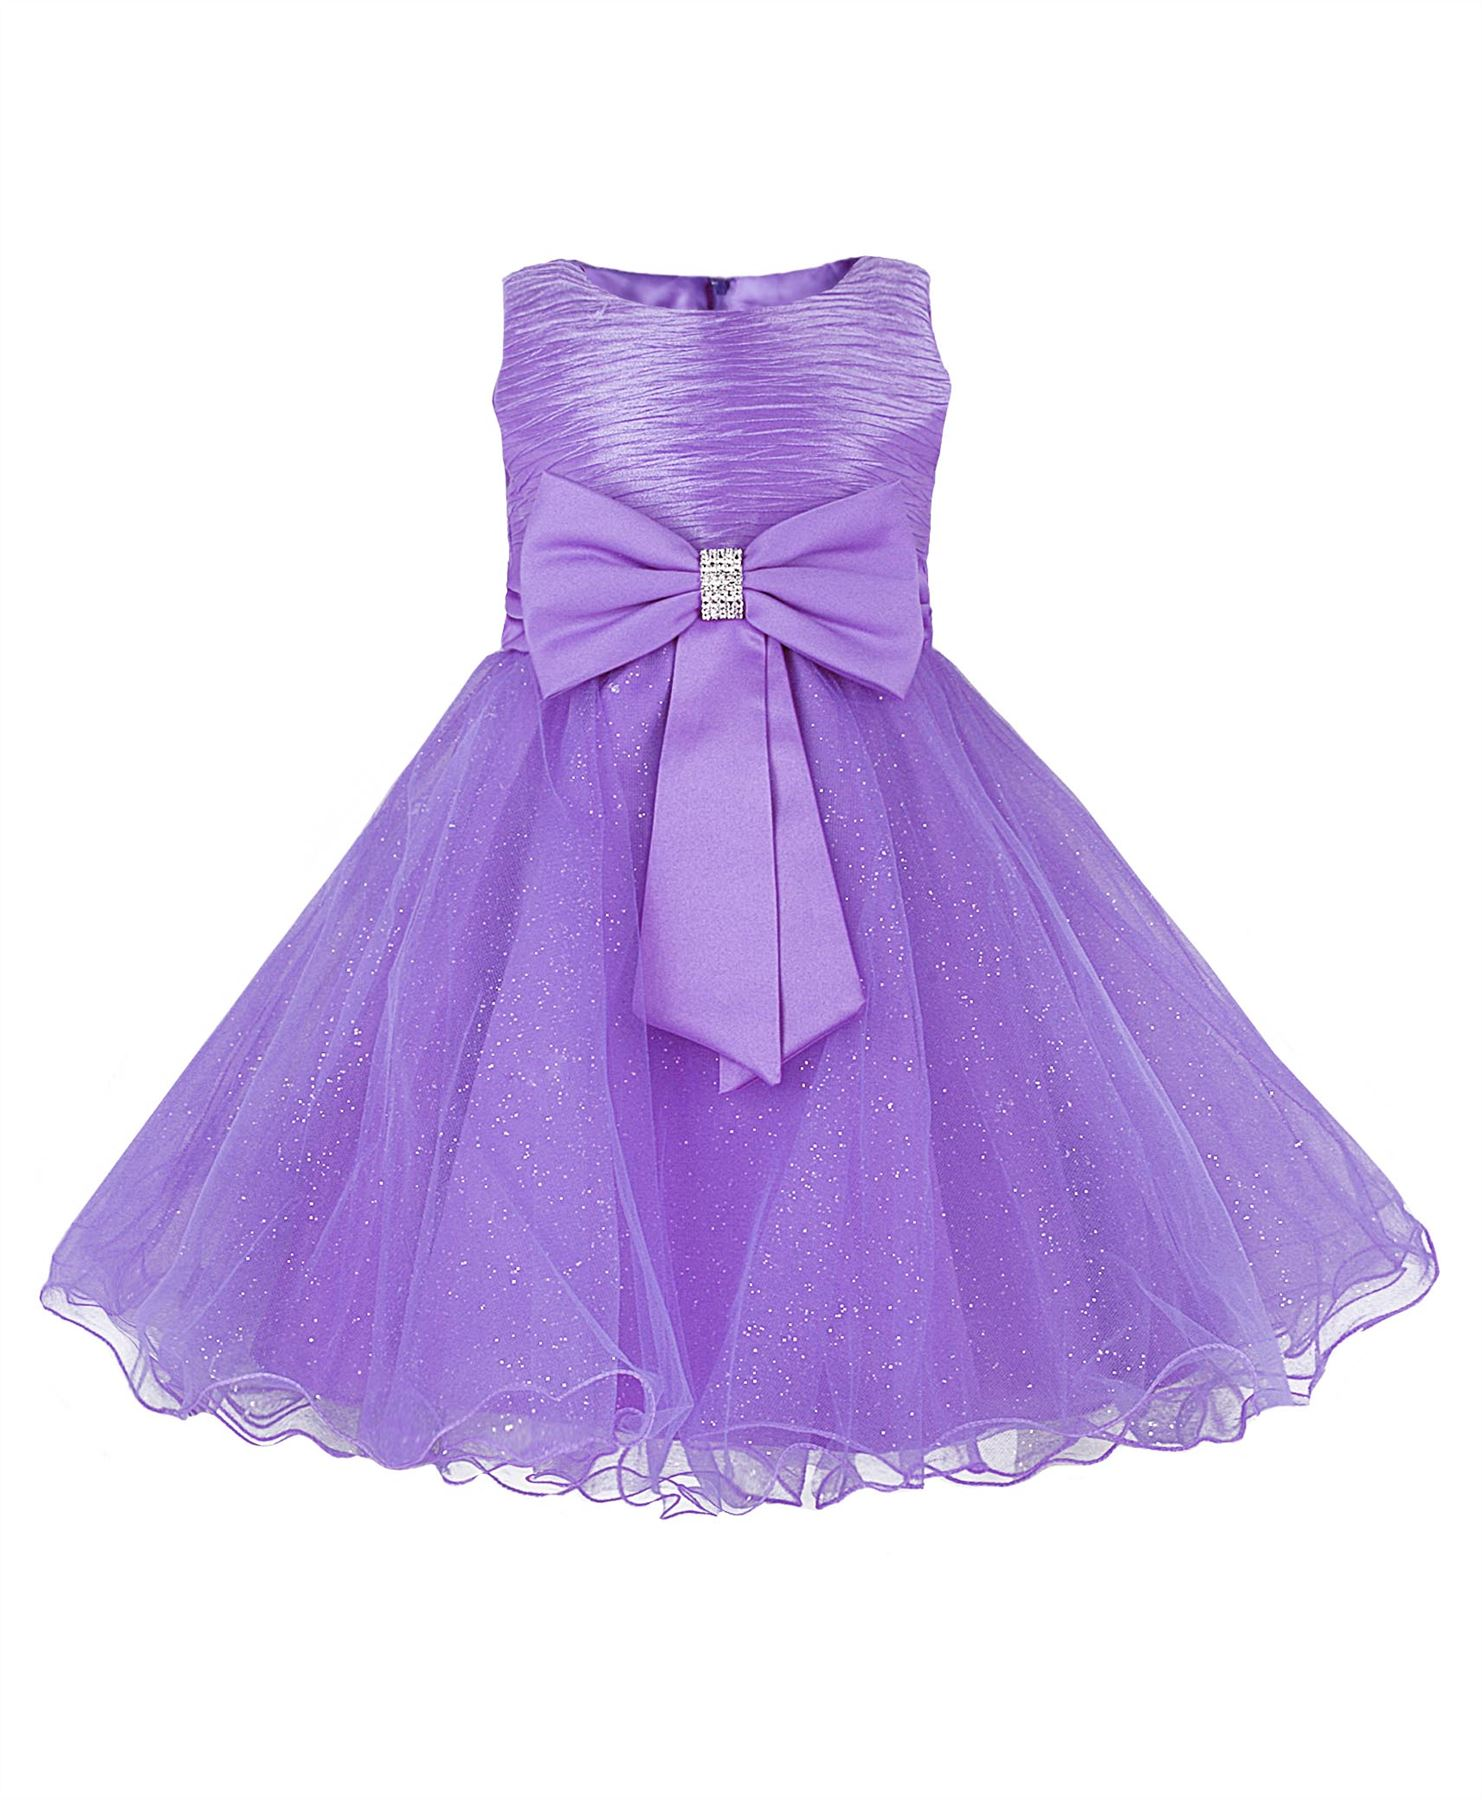 Bonito Bebé Vestido De Fiesta Reino Unido Friso - Vestido de Novia ...